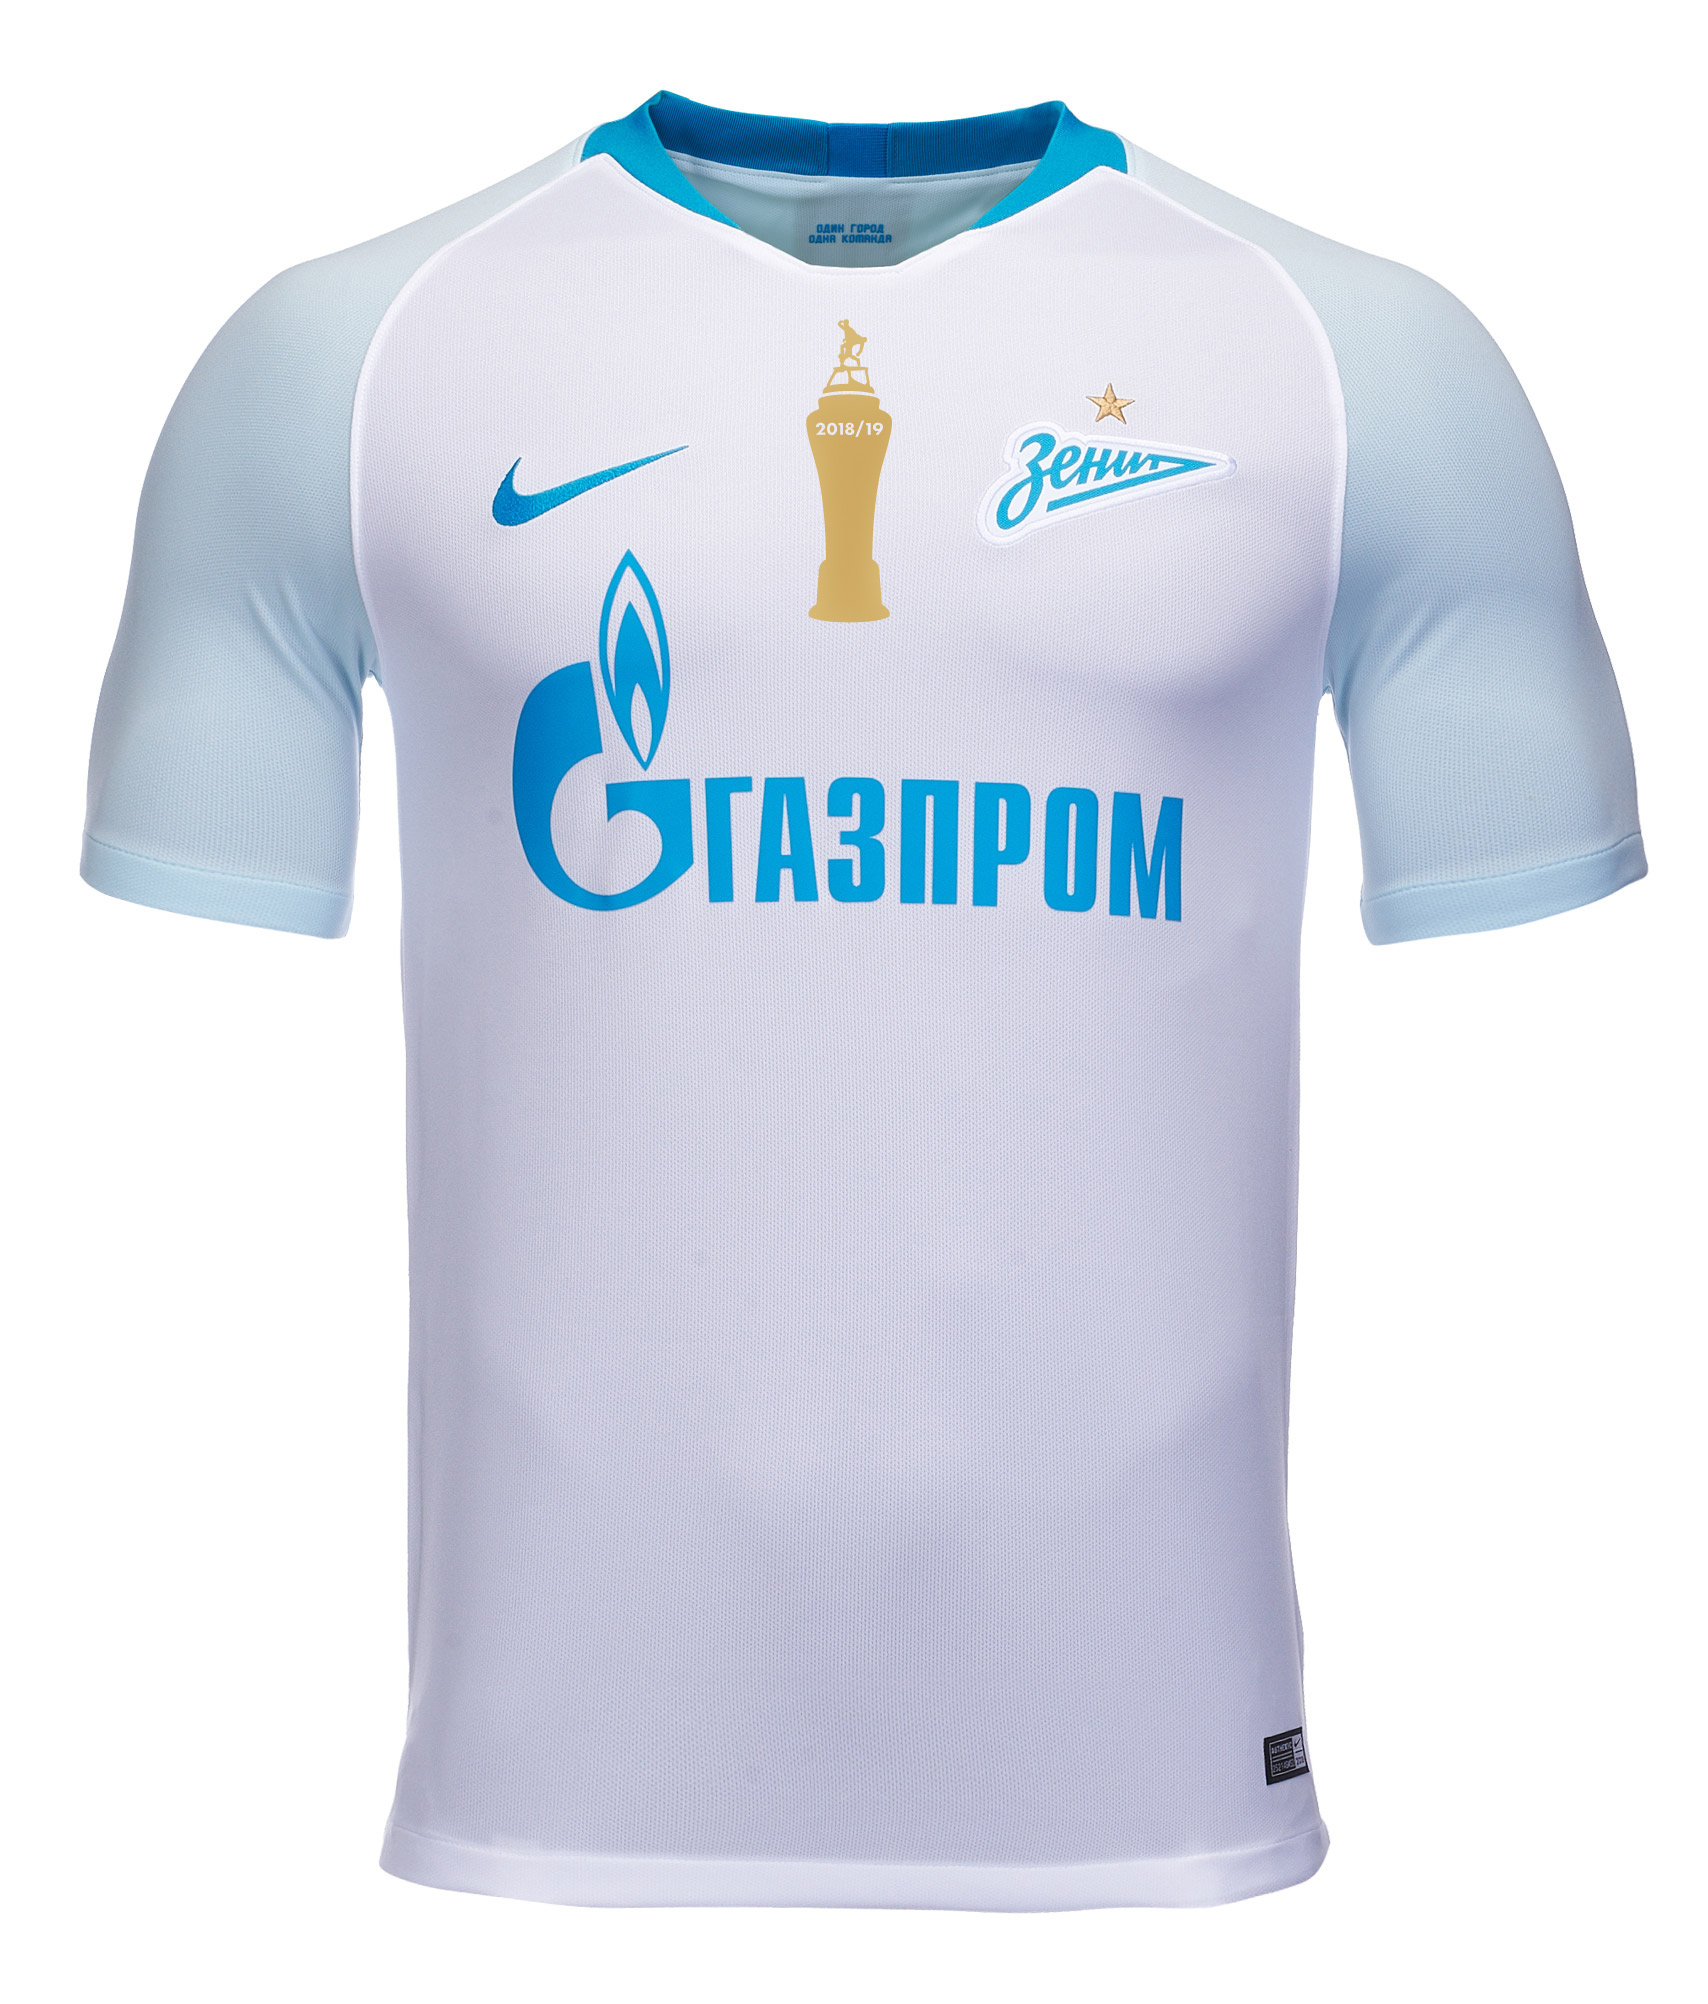 Выездная игровая футболка Nike сезона 2018/19 Nike Цвет-Белый реплика выездной игровой футболки nike 2018 19 nike цвет белый